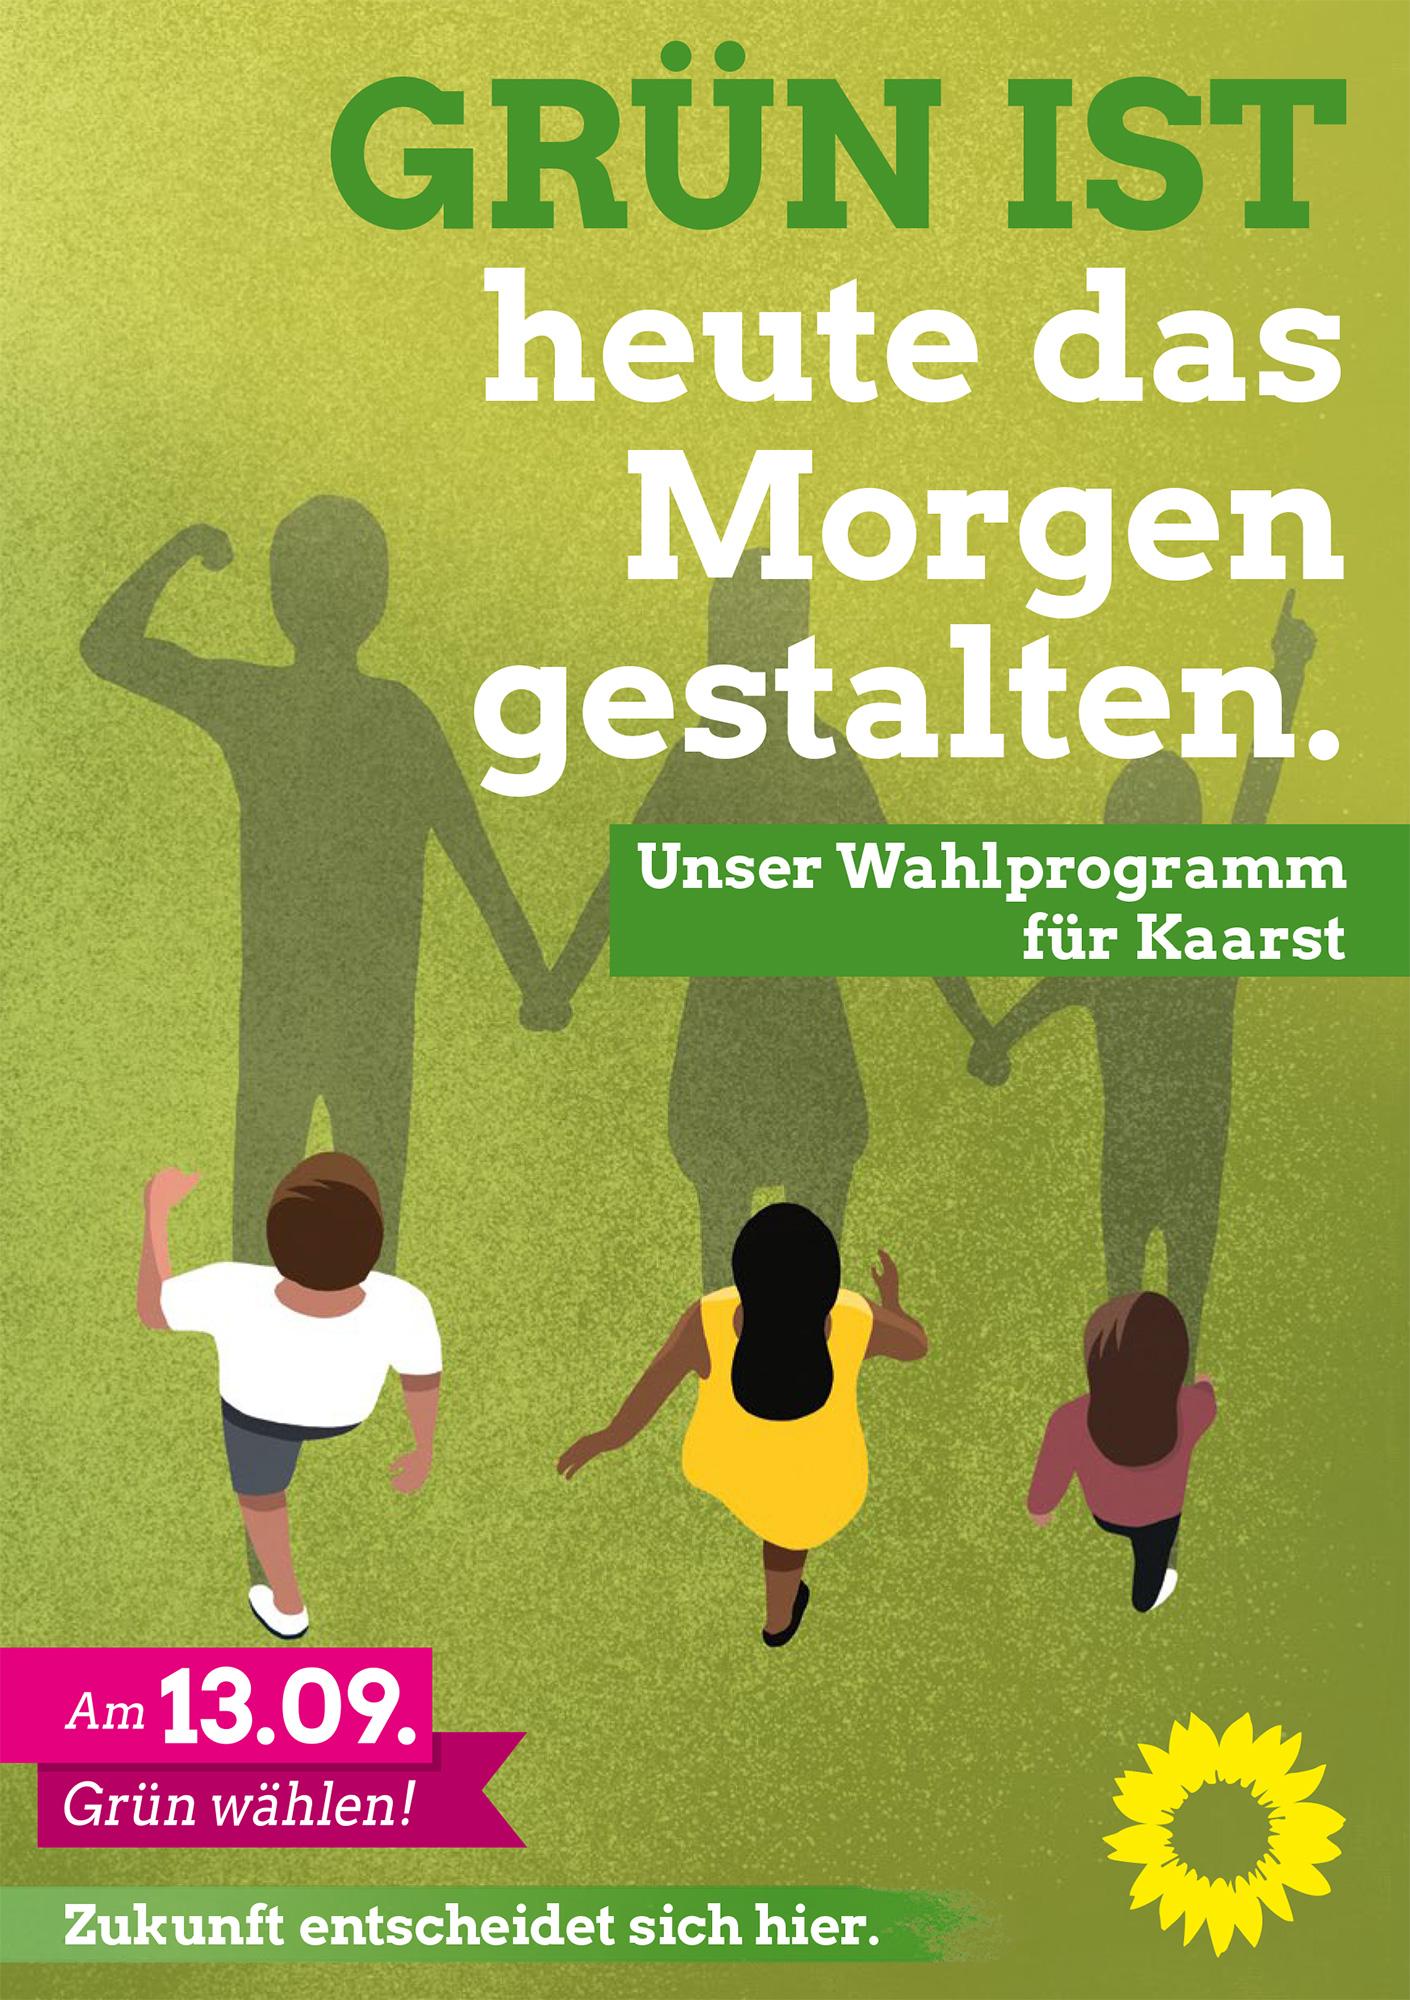 Grüne Wahlprogramme online